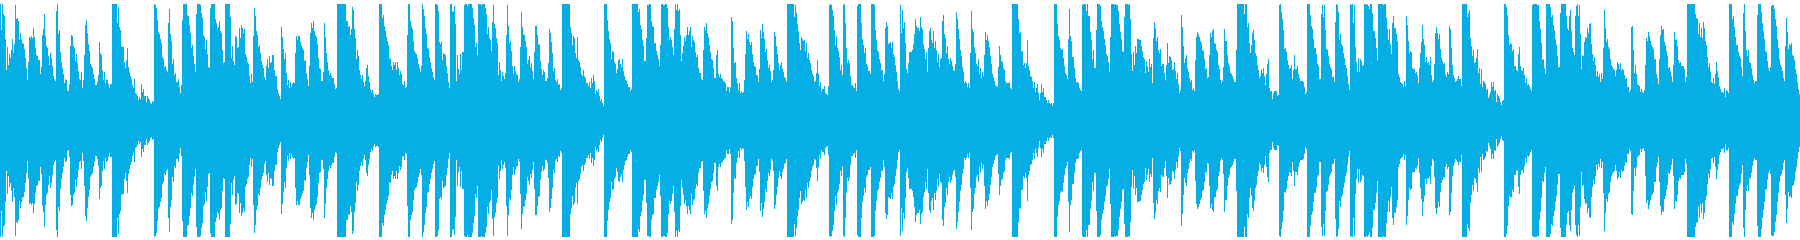 氷・雪を表現したエレクトロニカのループ曲の再生済みの波形